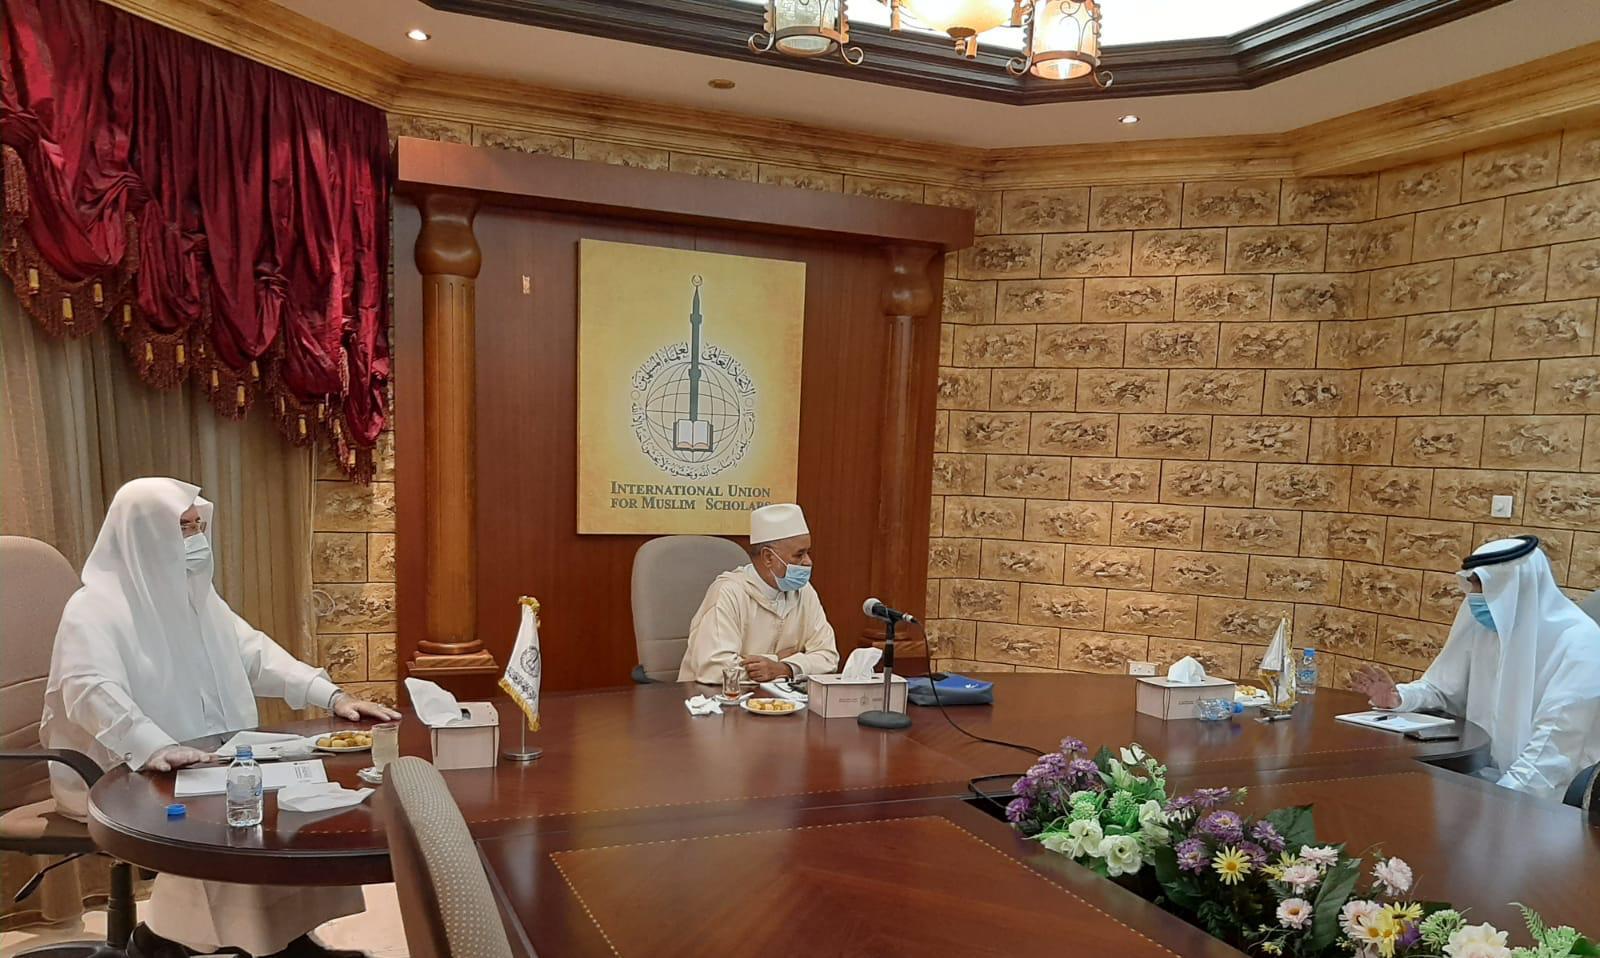 رئاسة الاتحاد والأمانة العامة تعقدان اجتماع عمل ومتابعة لأنشطة الاتحاد